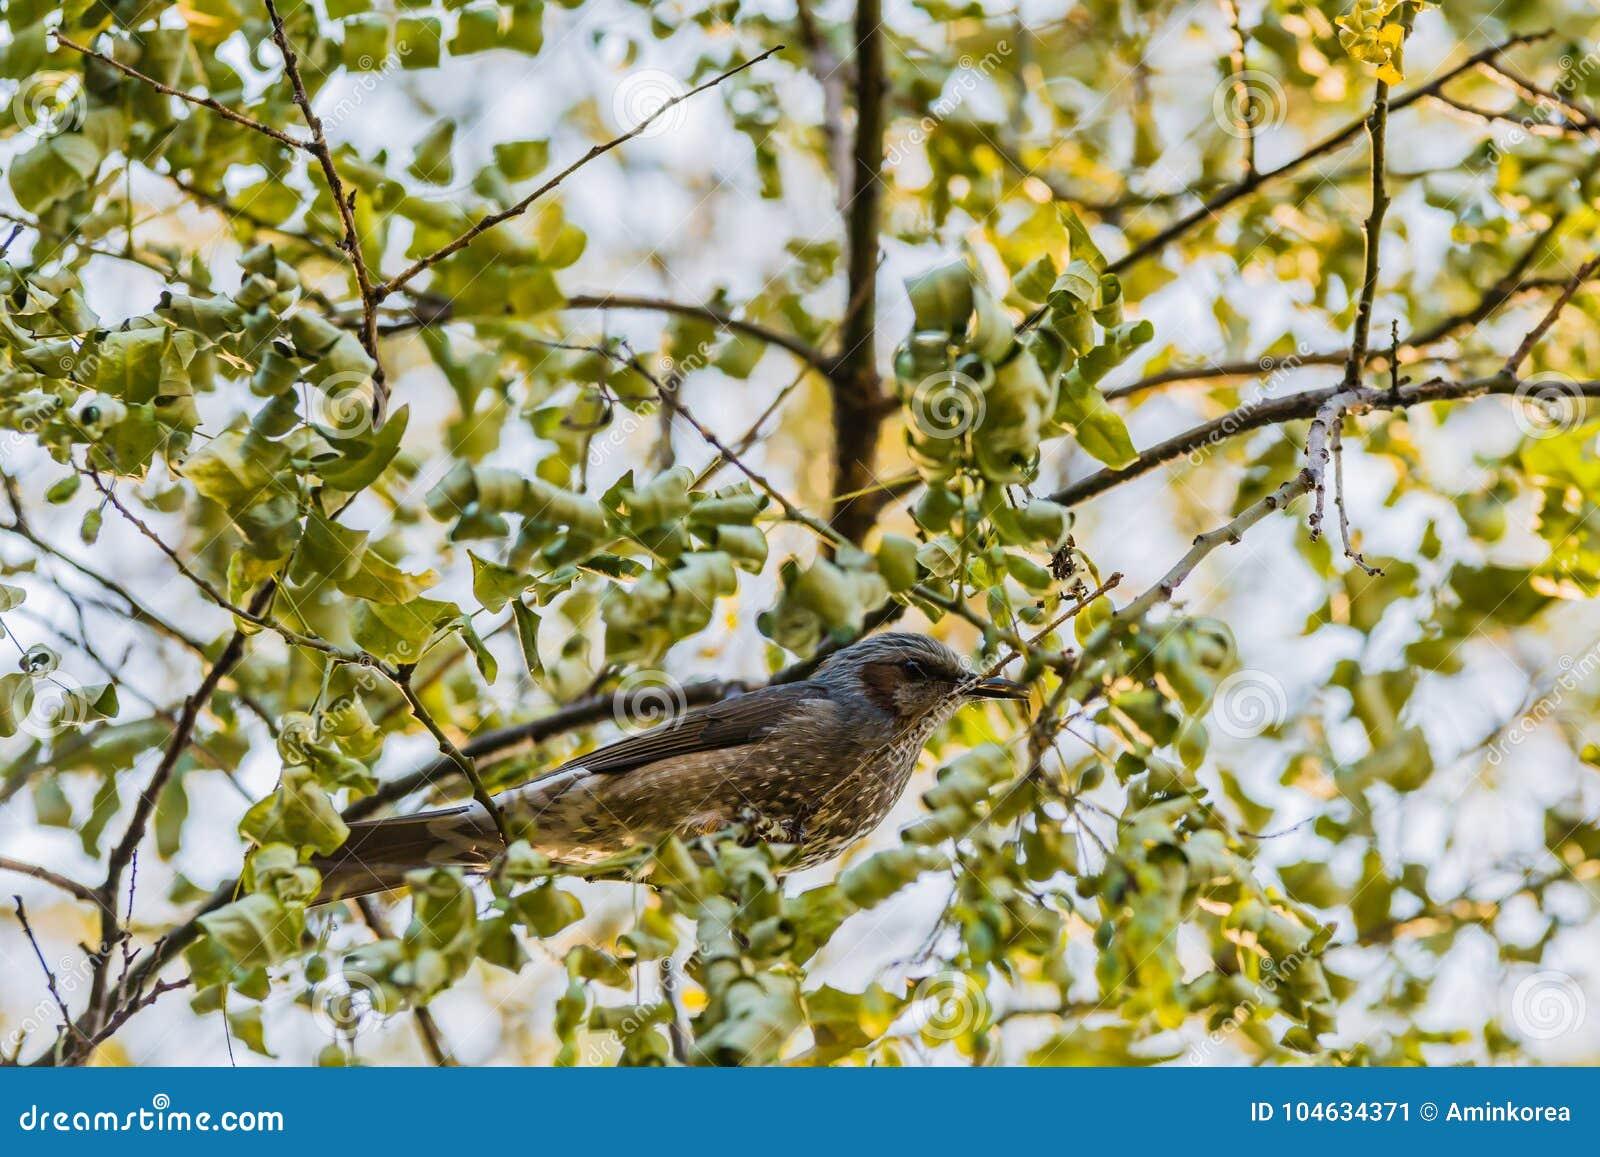 Download Bruin-eared Bulbul Neergestreken Op Een Boomtak Stock Afbeelding - Afbeelding bestaande uit fauna, park: 104634371